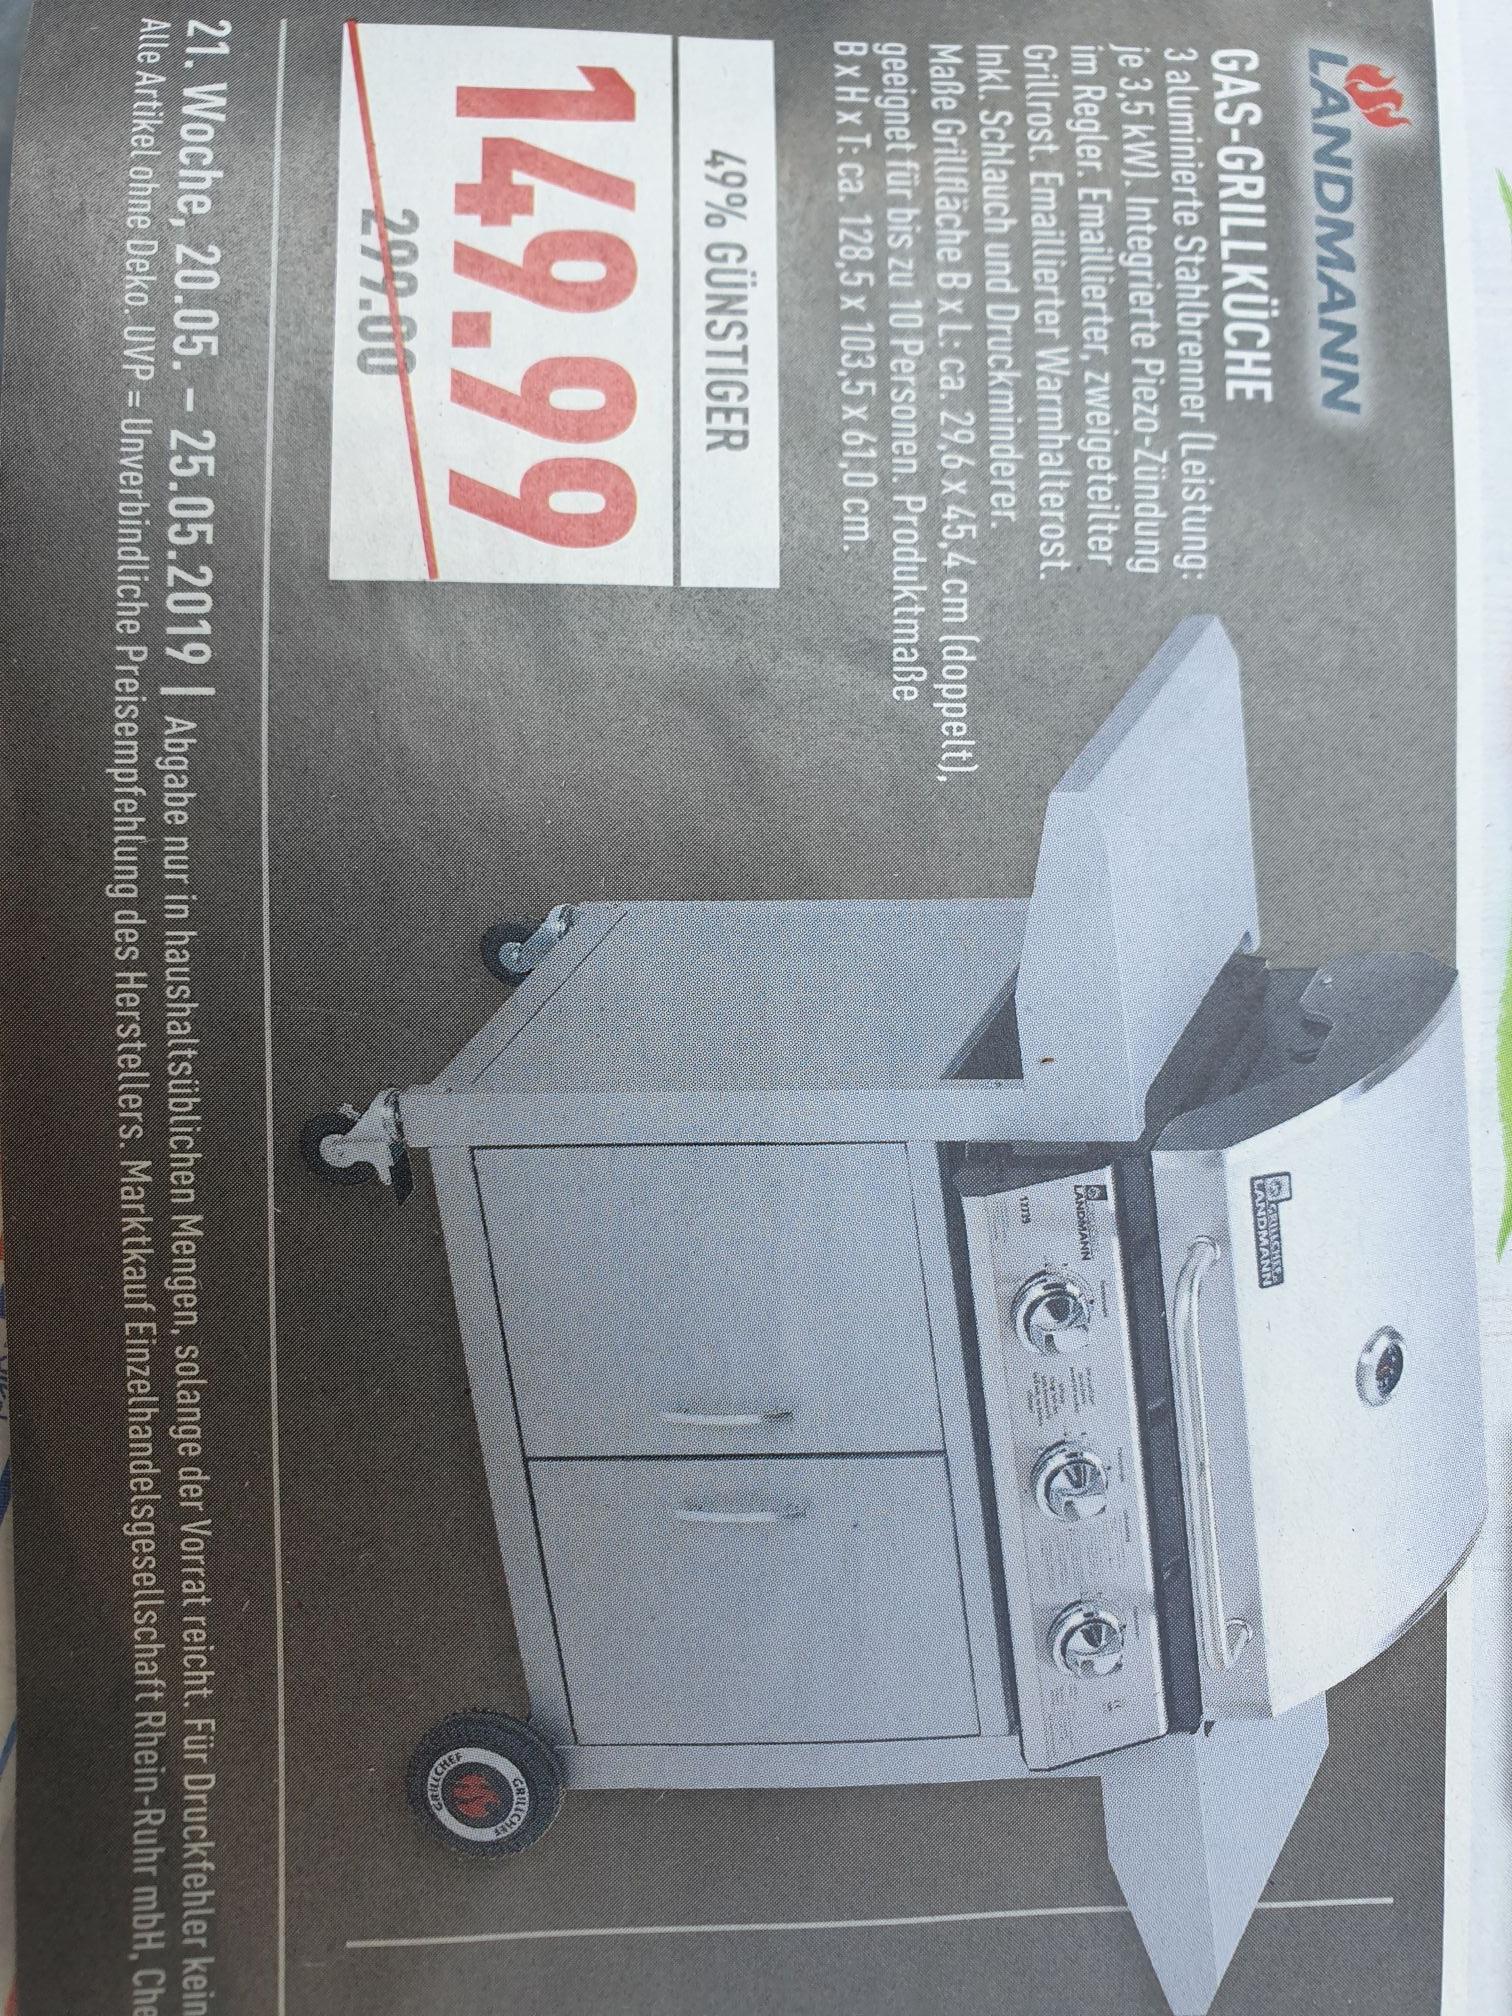 (Lokal Marktkauf NRW evtl. bundesweit) Landmann Gas-Grillküche 12739 für 149,99€